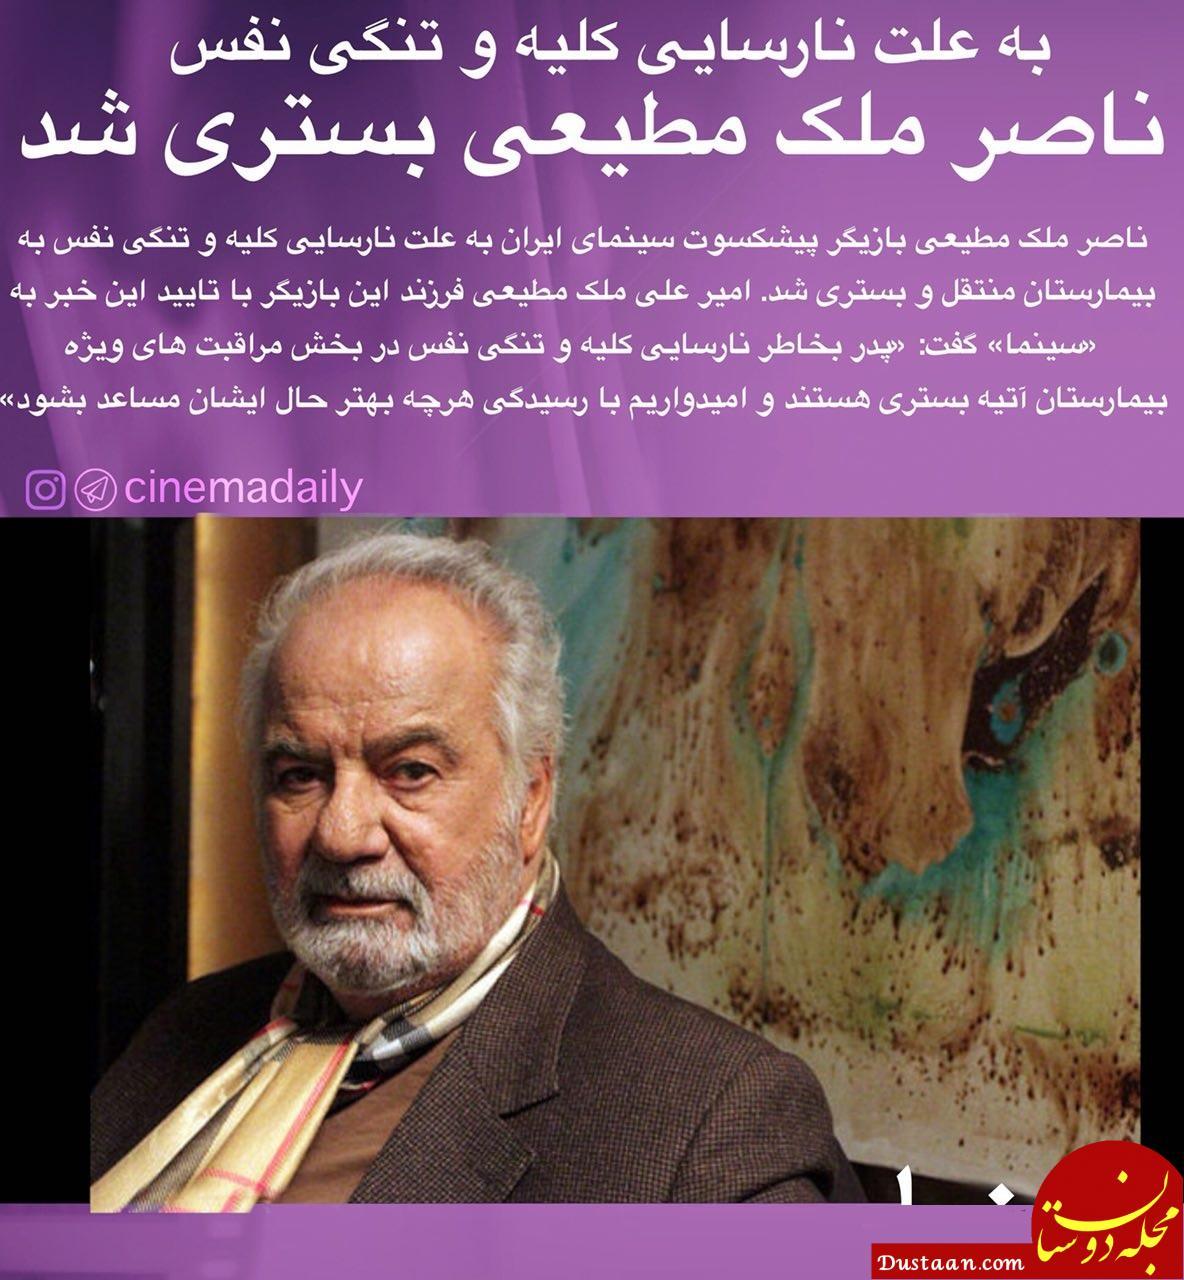 www.dustaan.com ناصر ملک مطیعی در بیمارستان بستری شد +عکس